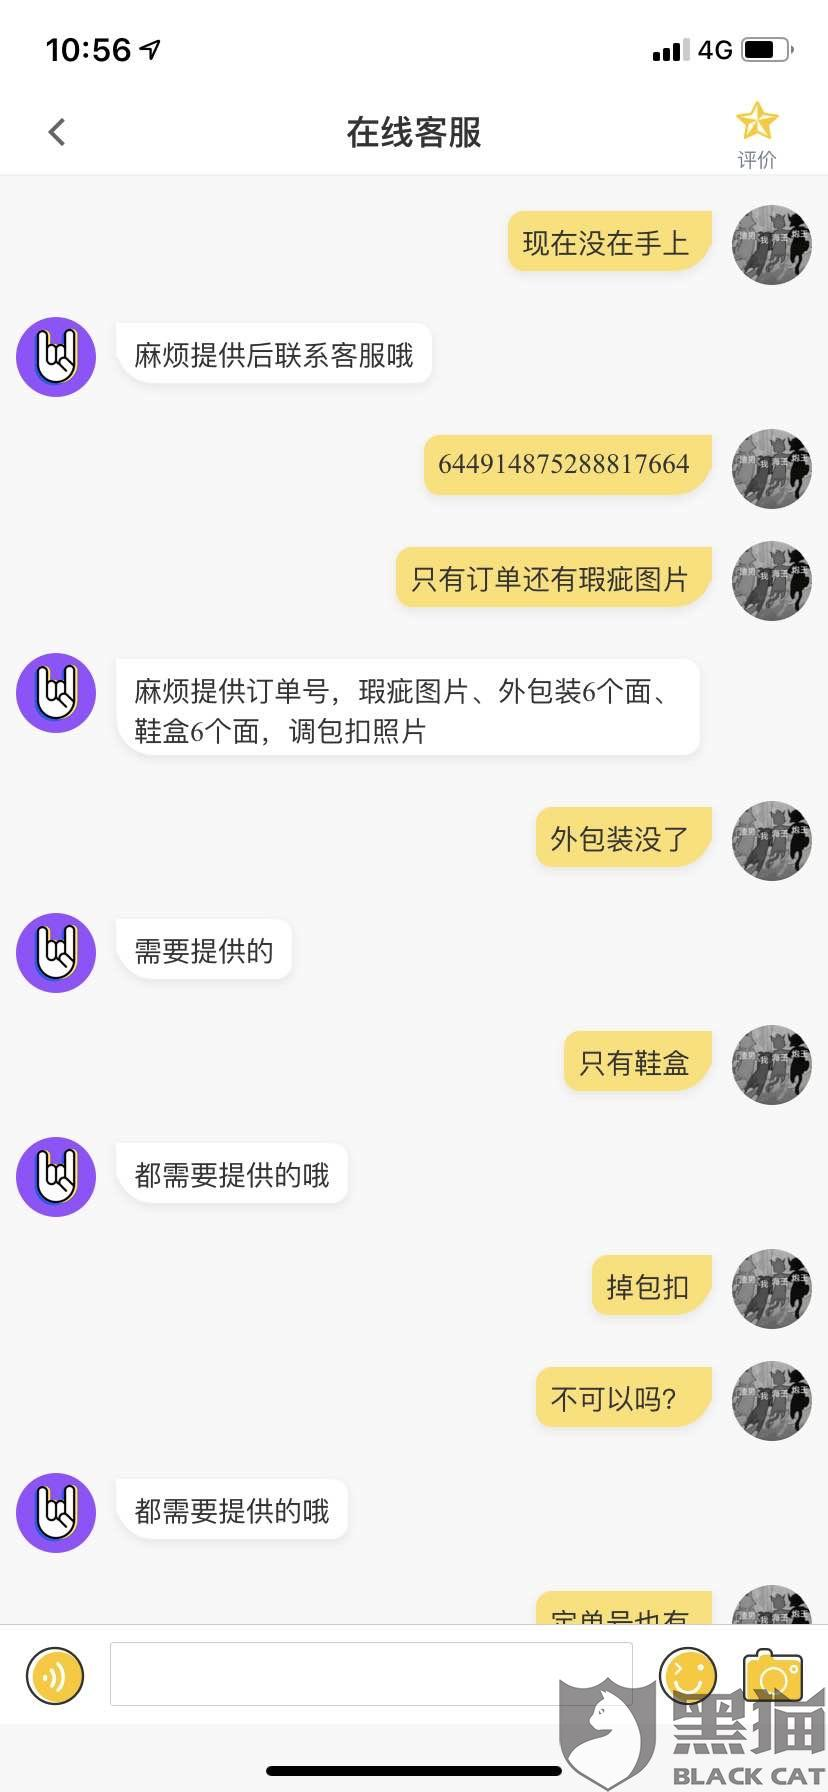 黑猫投诉:斗牛尖货团购发瑕疵客服不处理